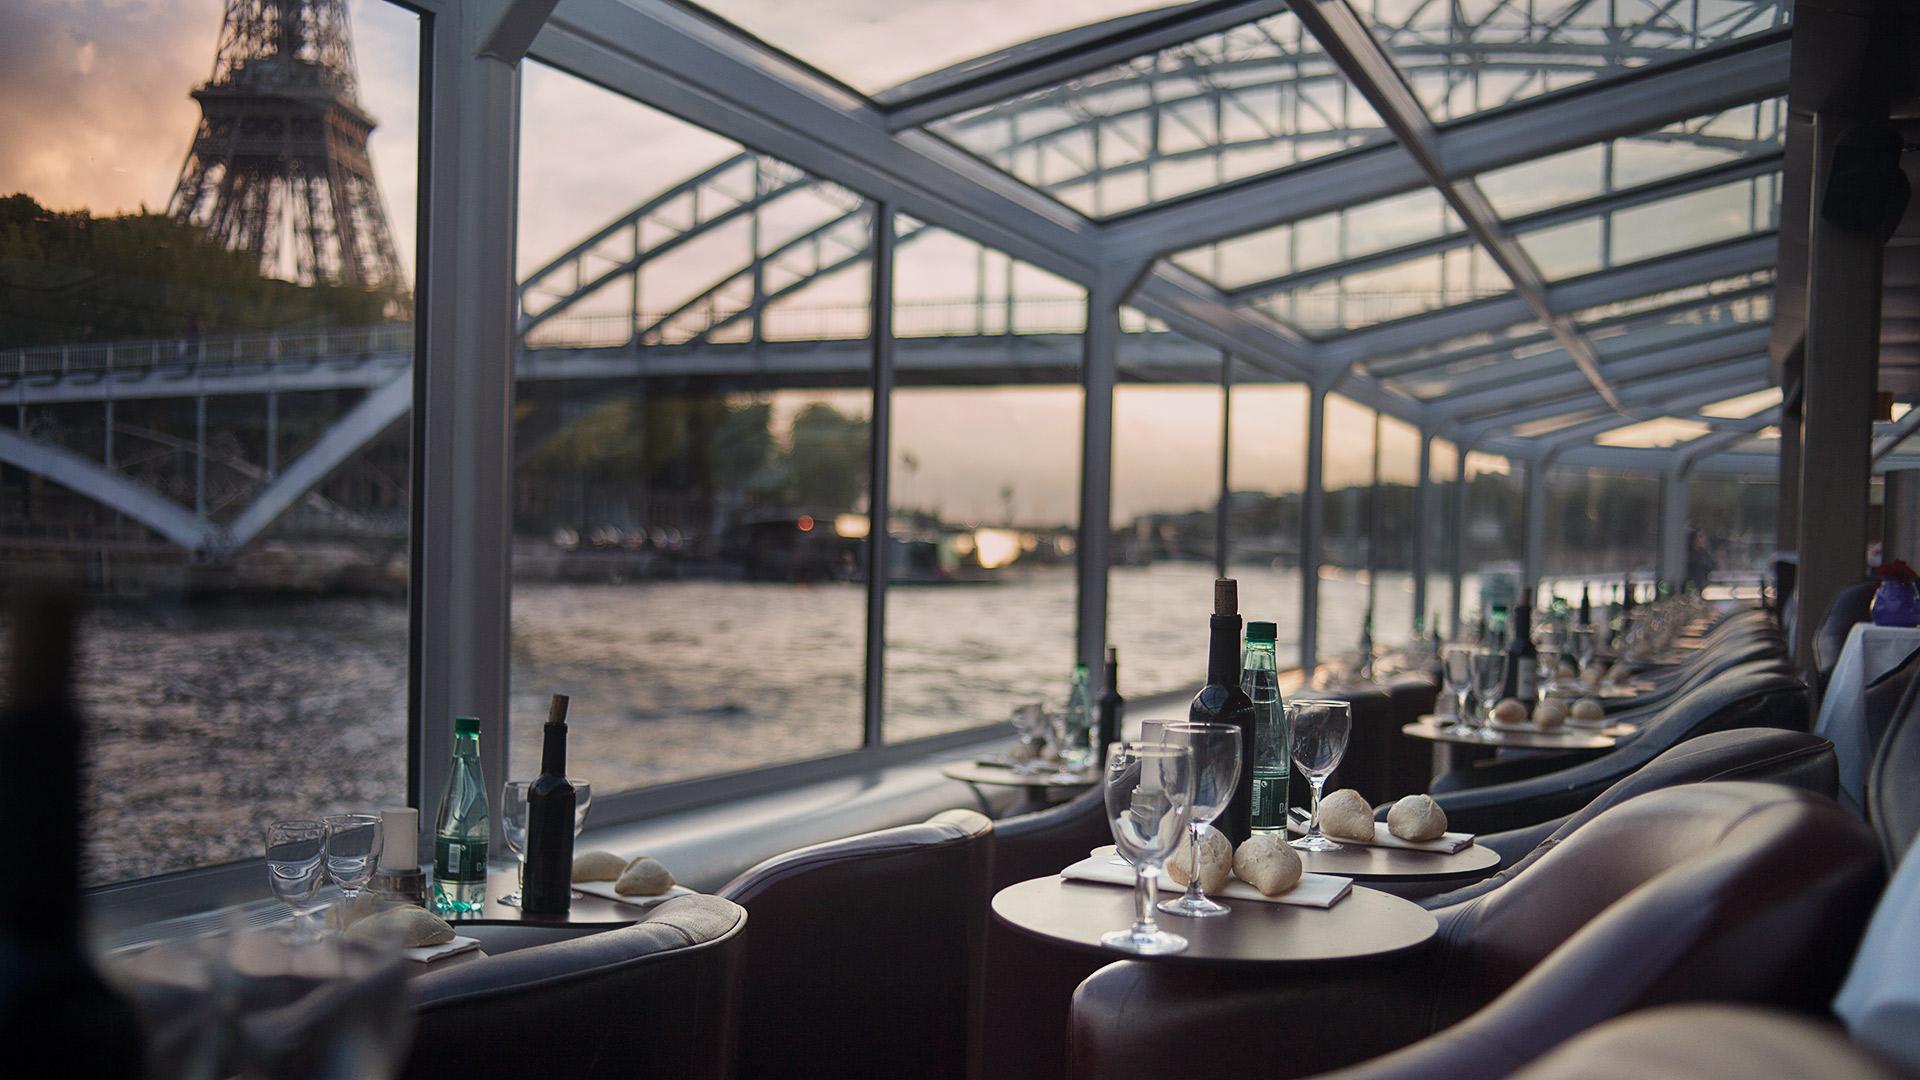 Un dîner de croisière dans un bateau restaurant voguant sur la Seine